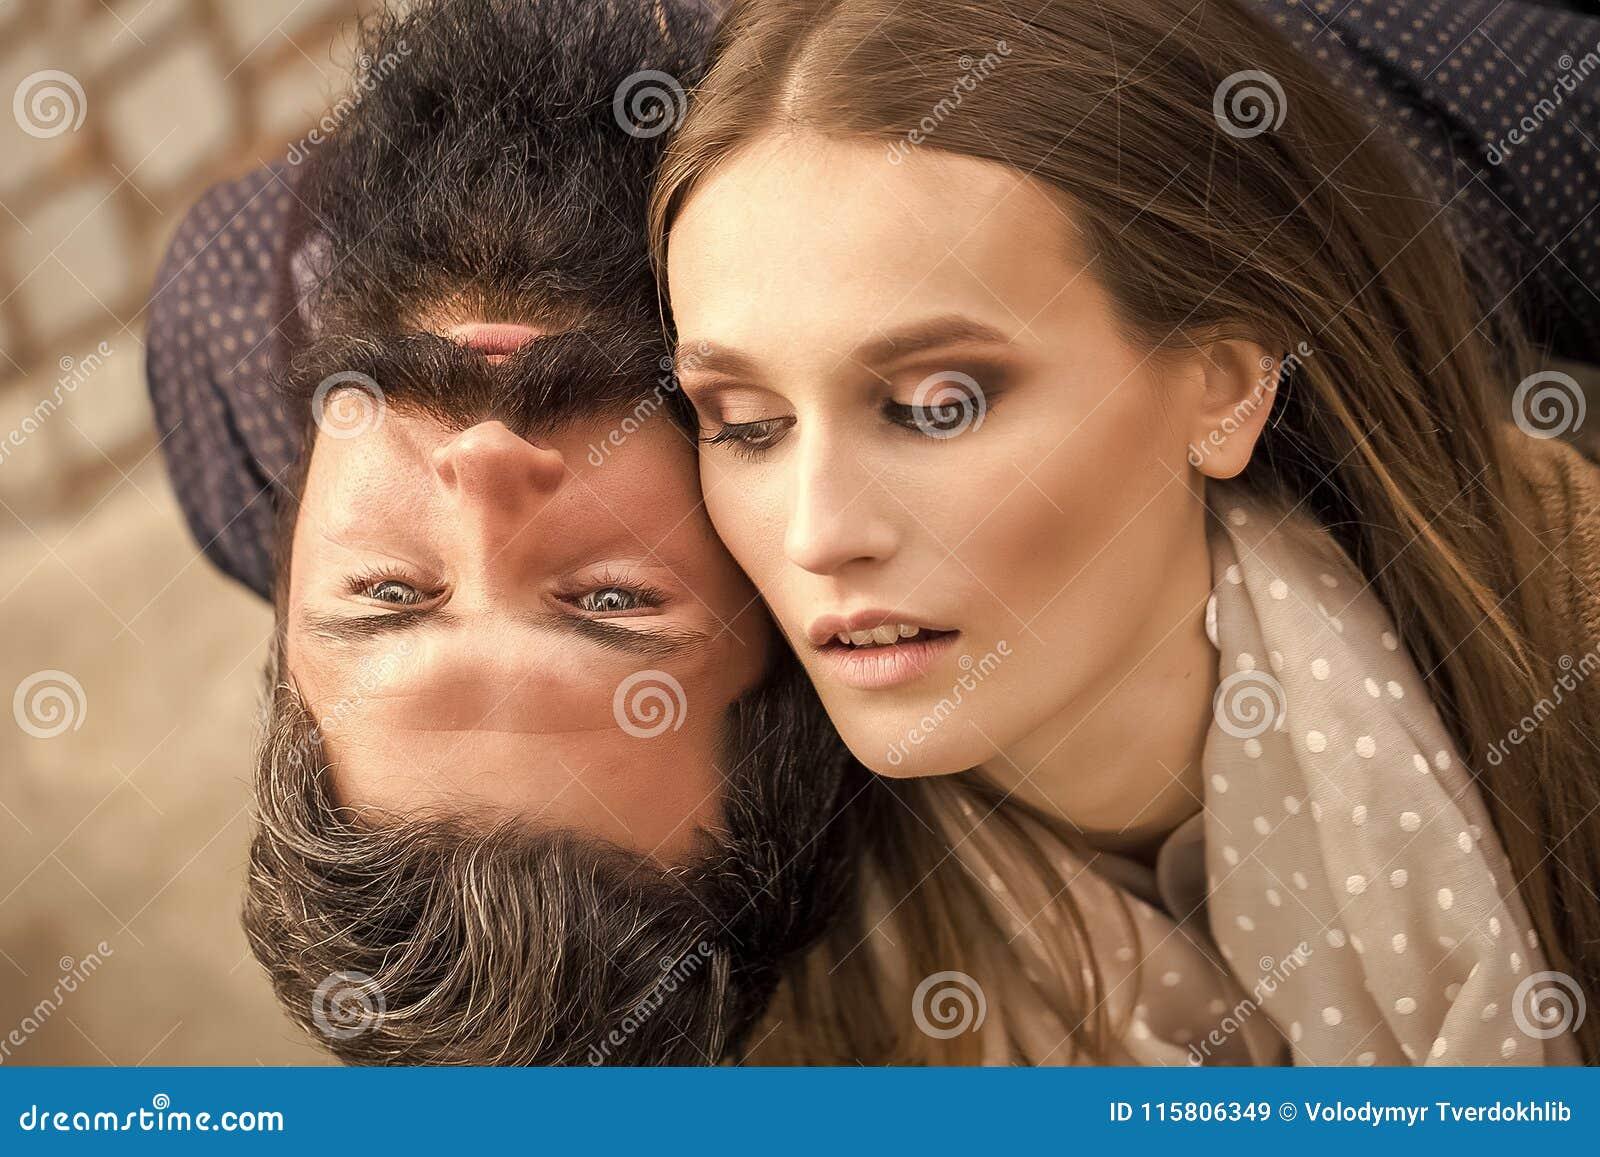 amour barbes datant sites de rencontre dans le Kansas